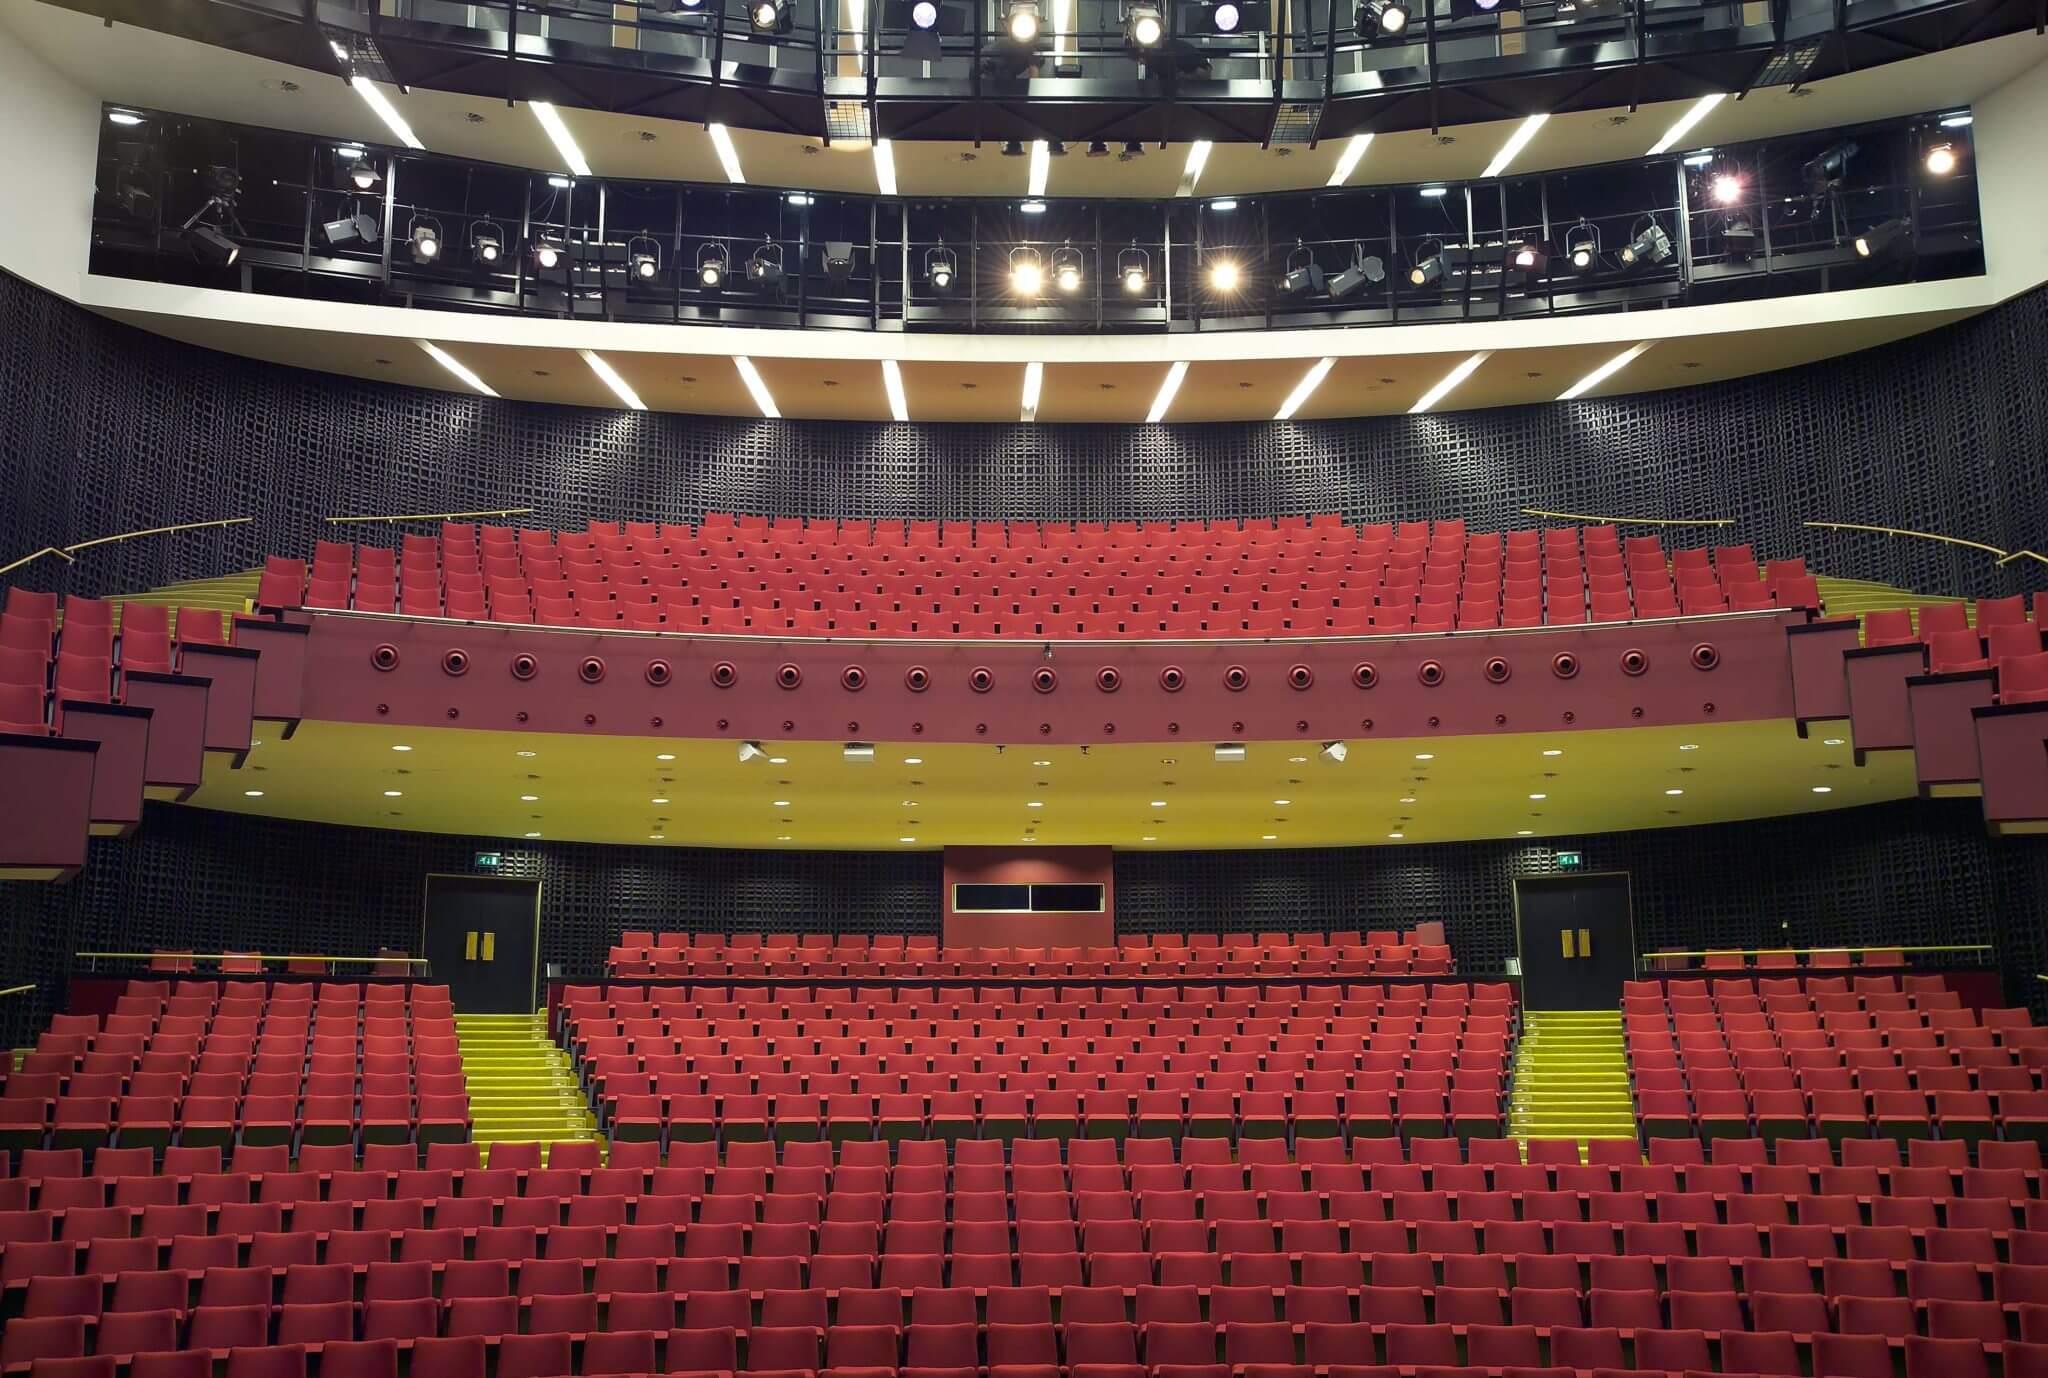 theater schouwburg voorstelling podium concert horeca Stadsschouwburg Brainport Stadswandelpark Eindhoven multifunctioneel uitbreiding renovatie Theatertoren vlakke vloer podiumkunsten uithangbord signing vlinder